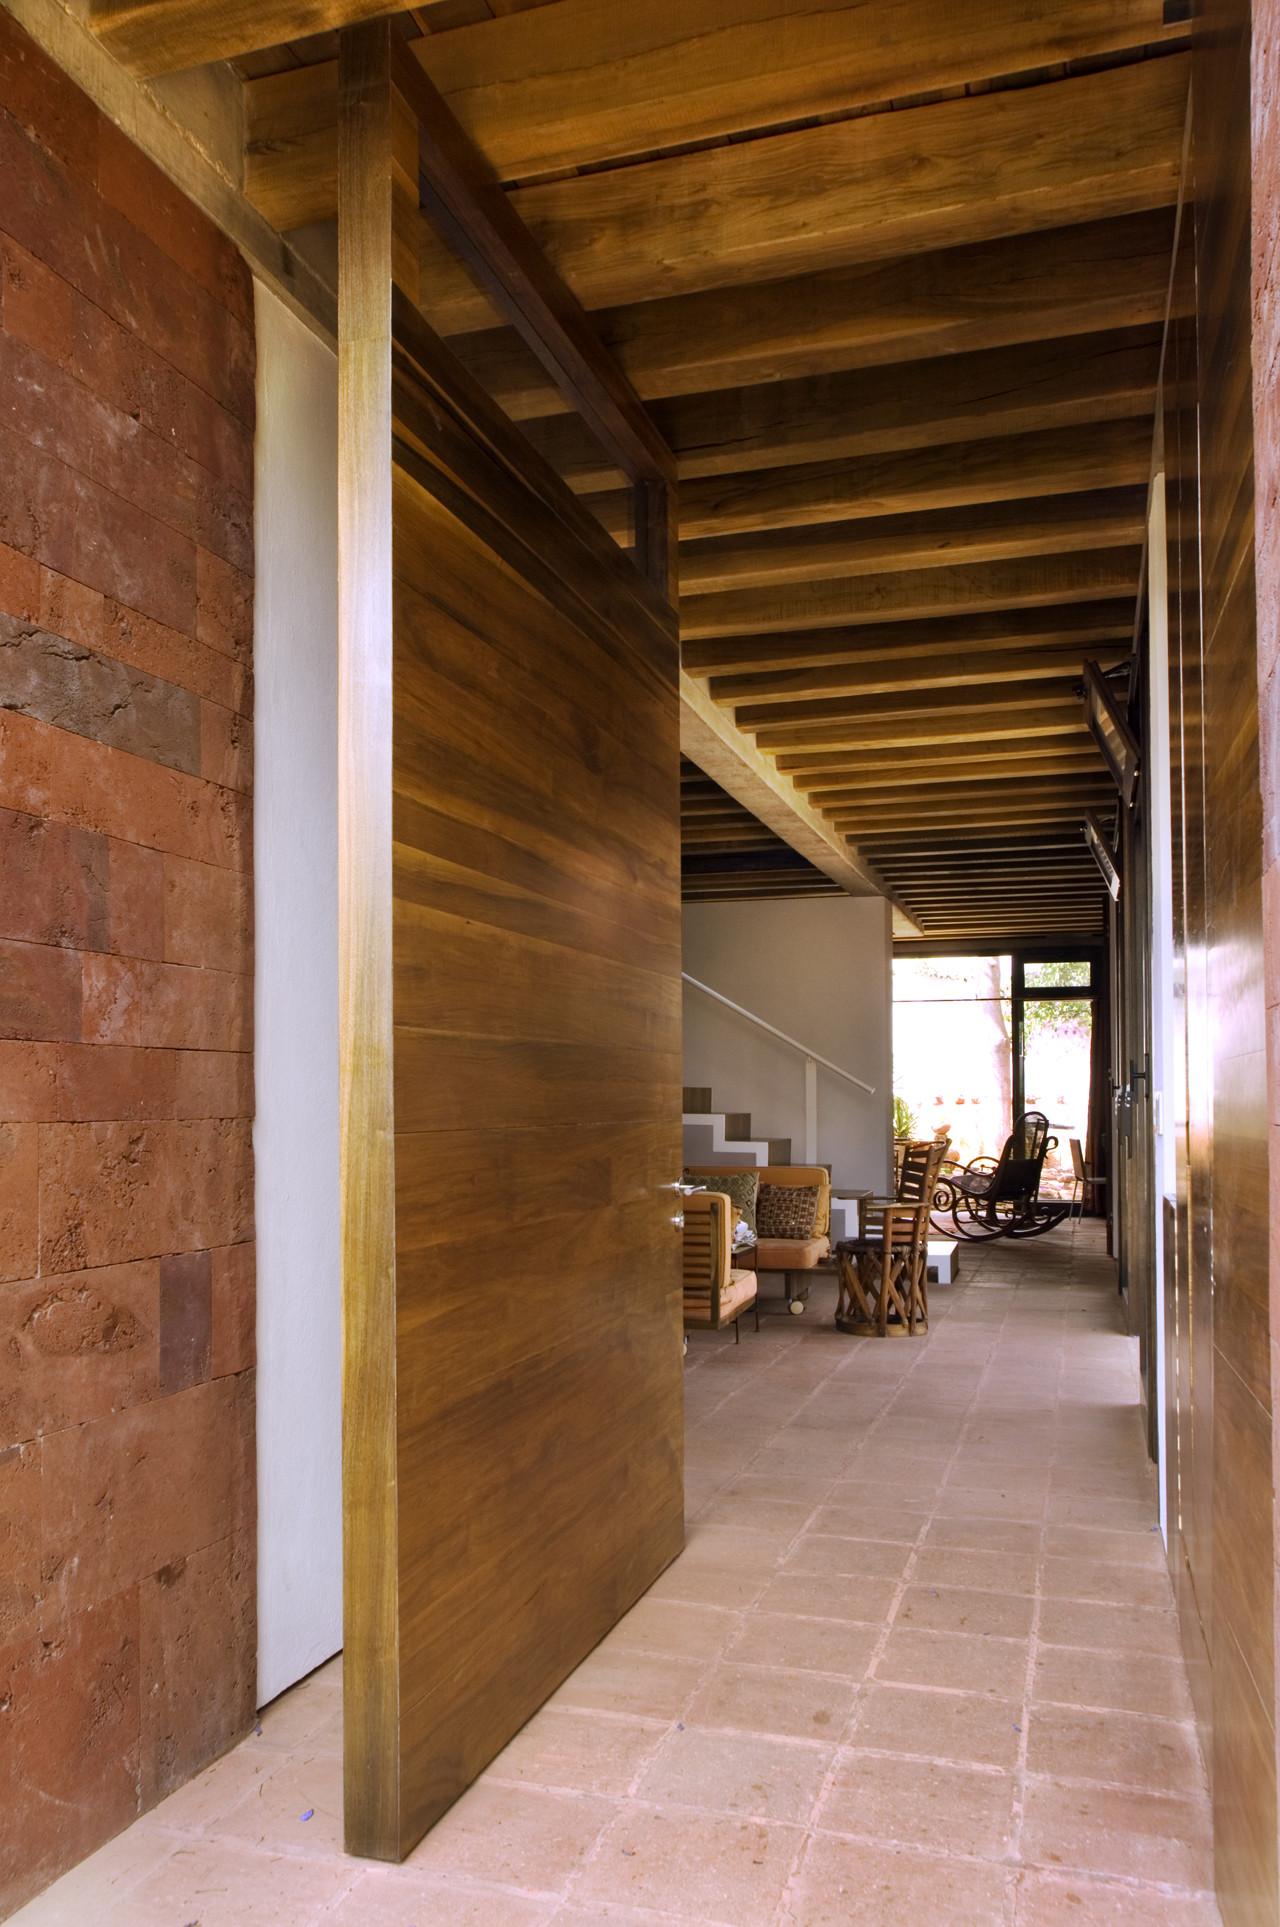 Galer a de casa estudio oaxaca taller de arquitectura for Casa estudio arquitectura